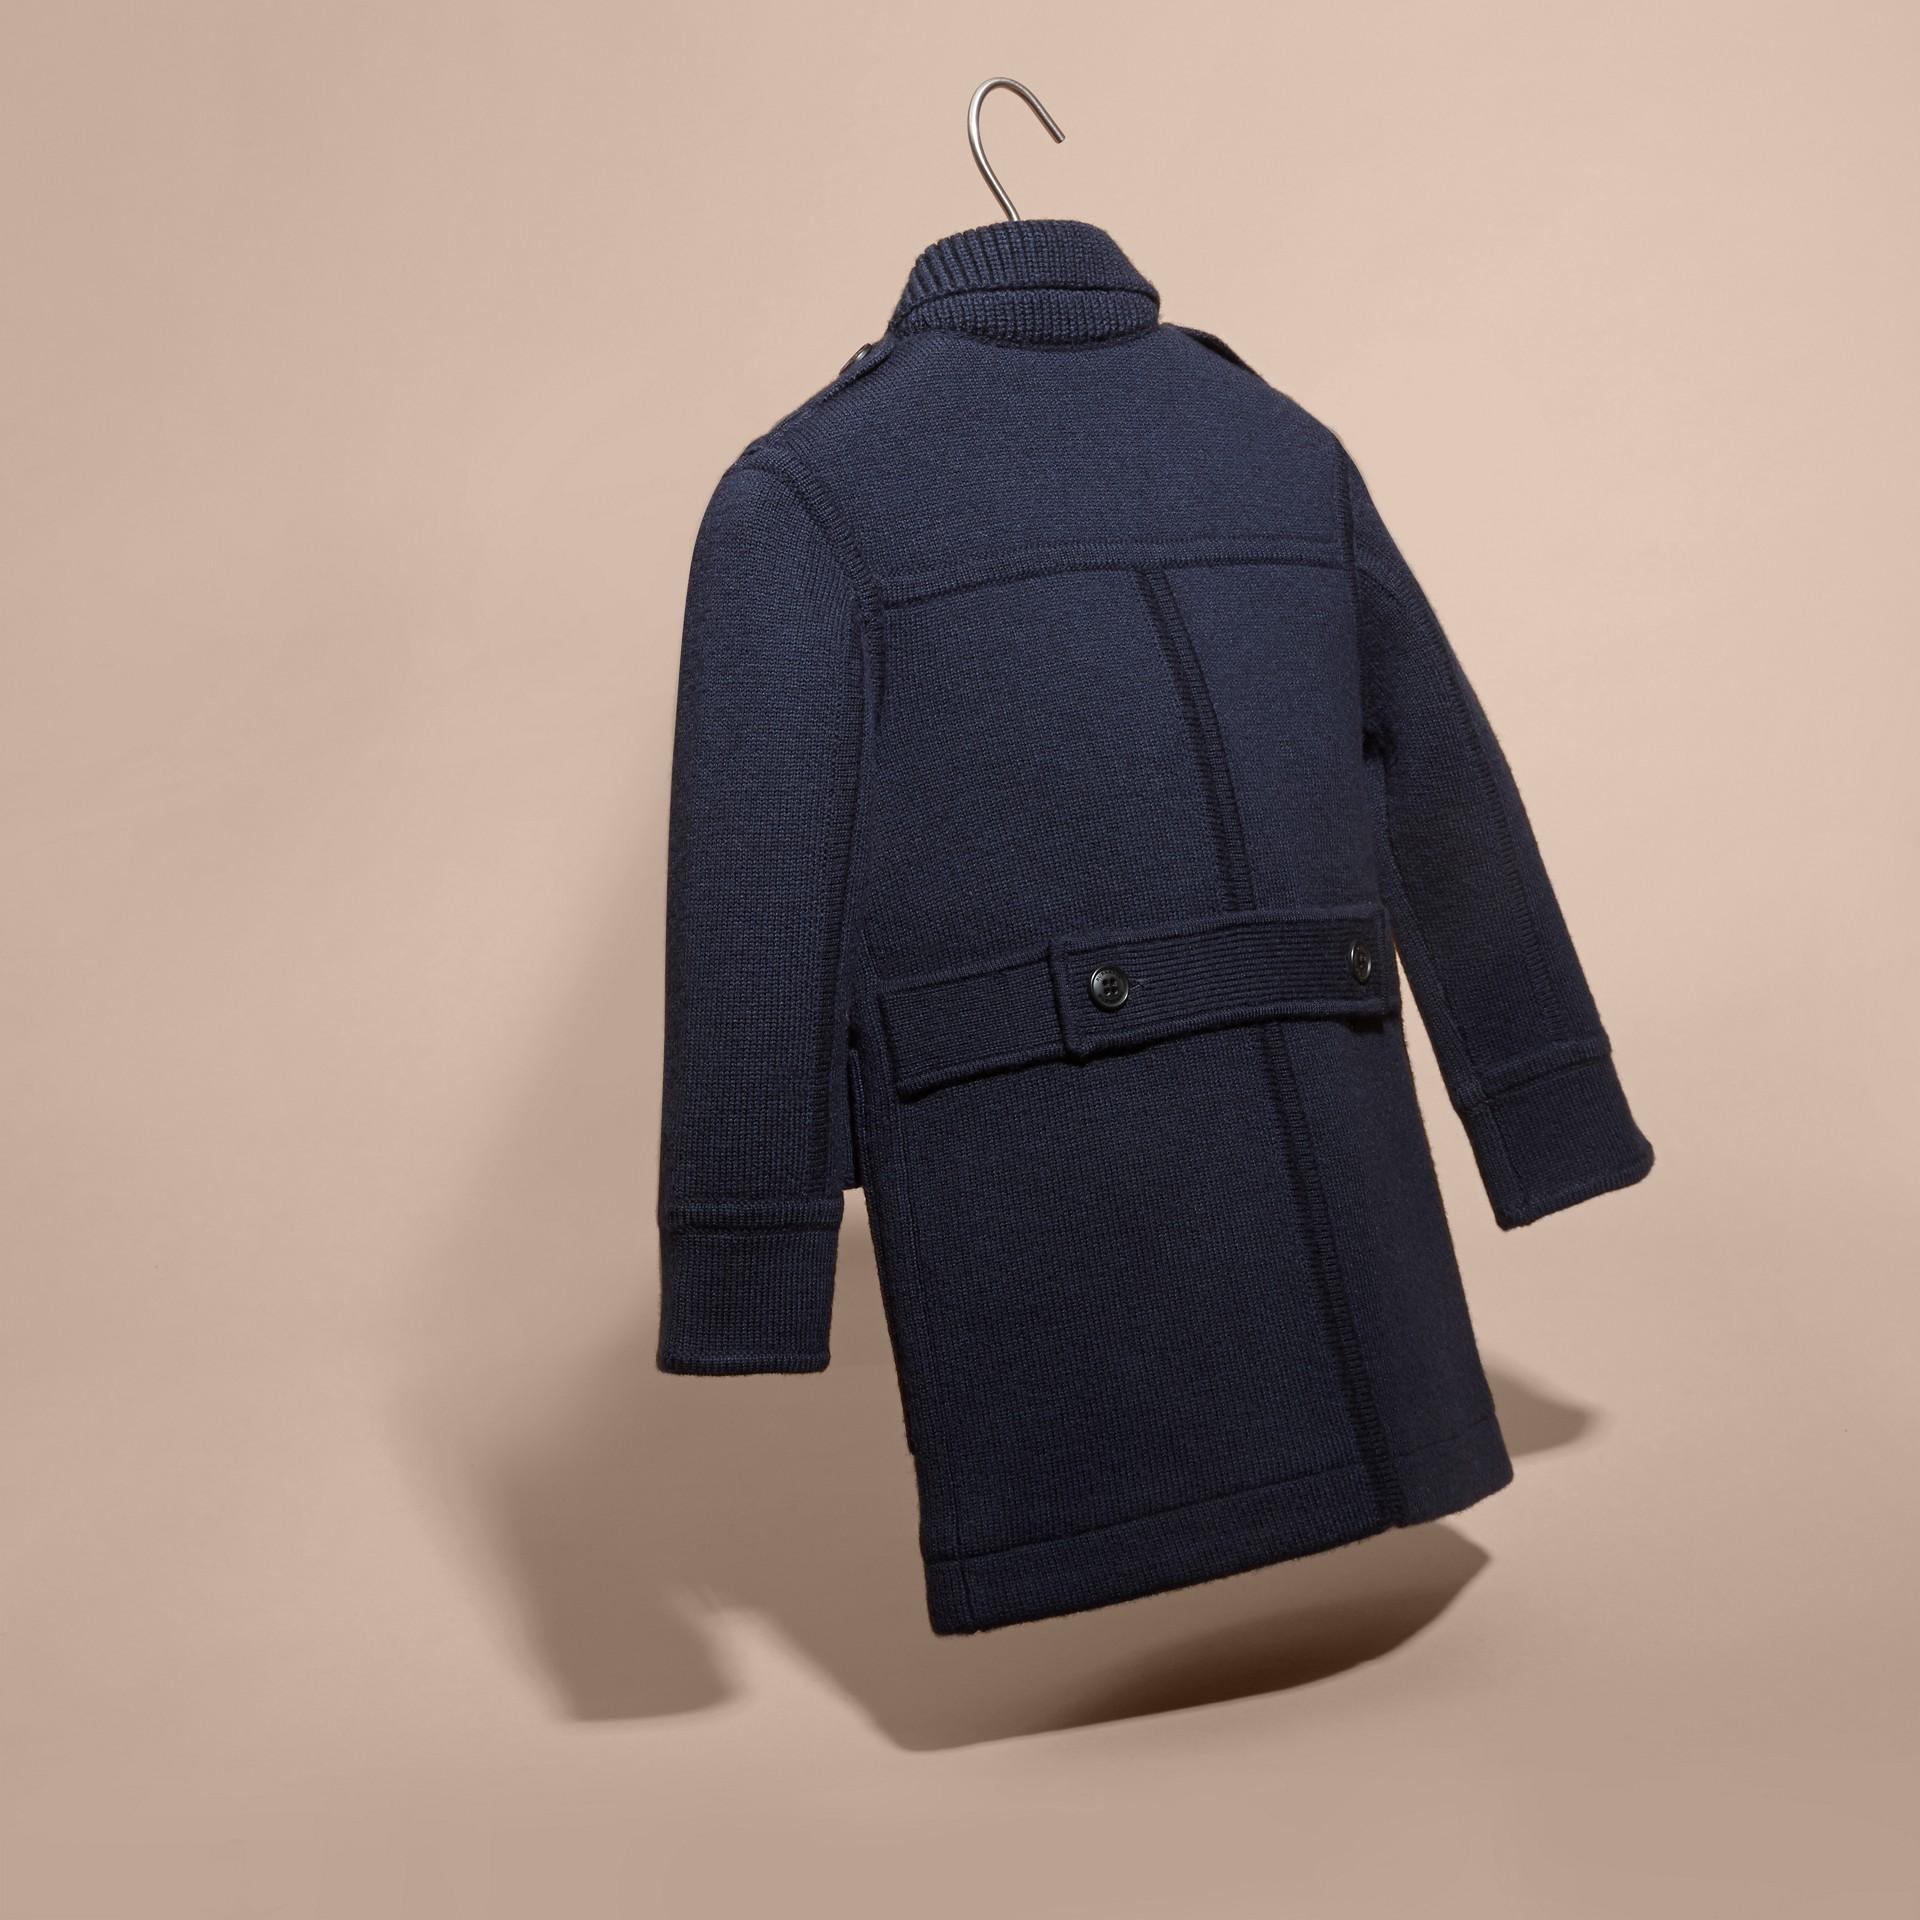 Темно-синий Полупальто из шерстяного трикотажа - изображение 4